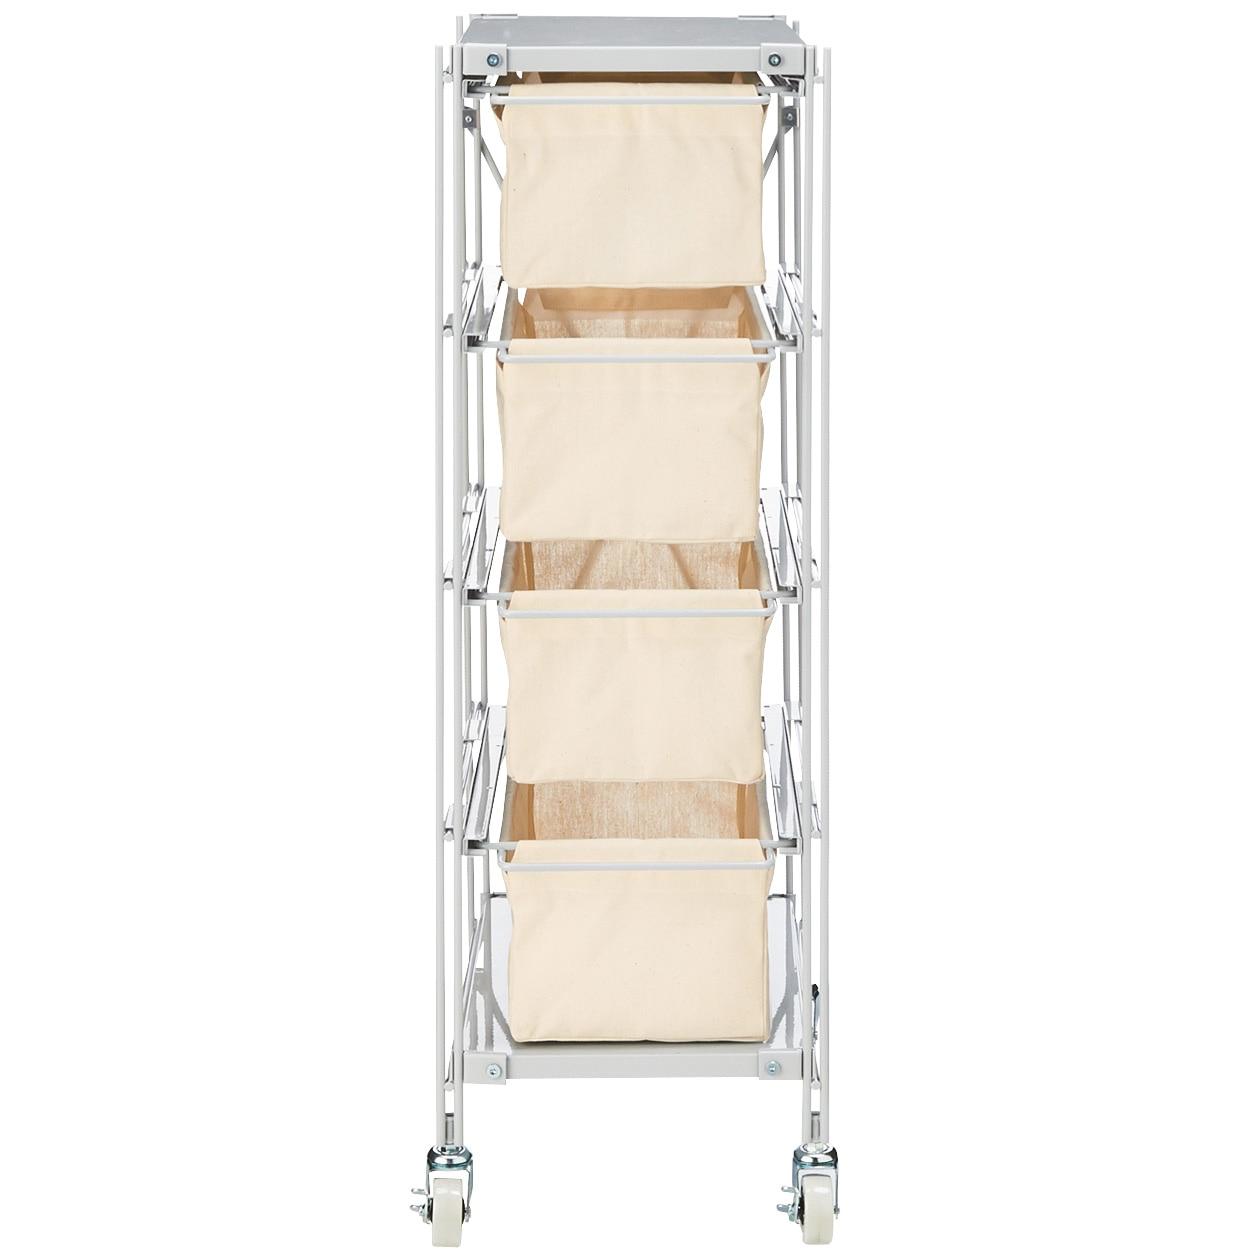 スチールユニットシェルフ帆布バスケットセット・スチール棚板・幅28cmタイプ